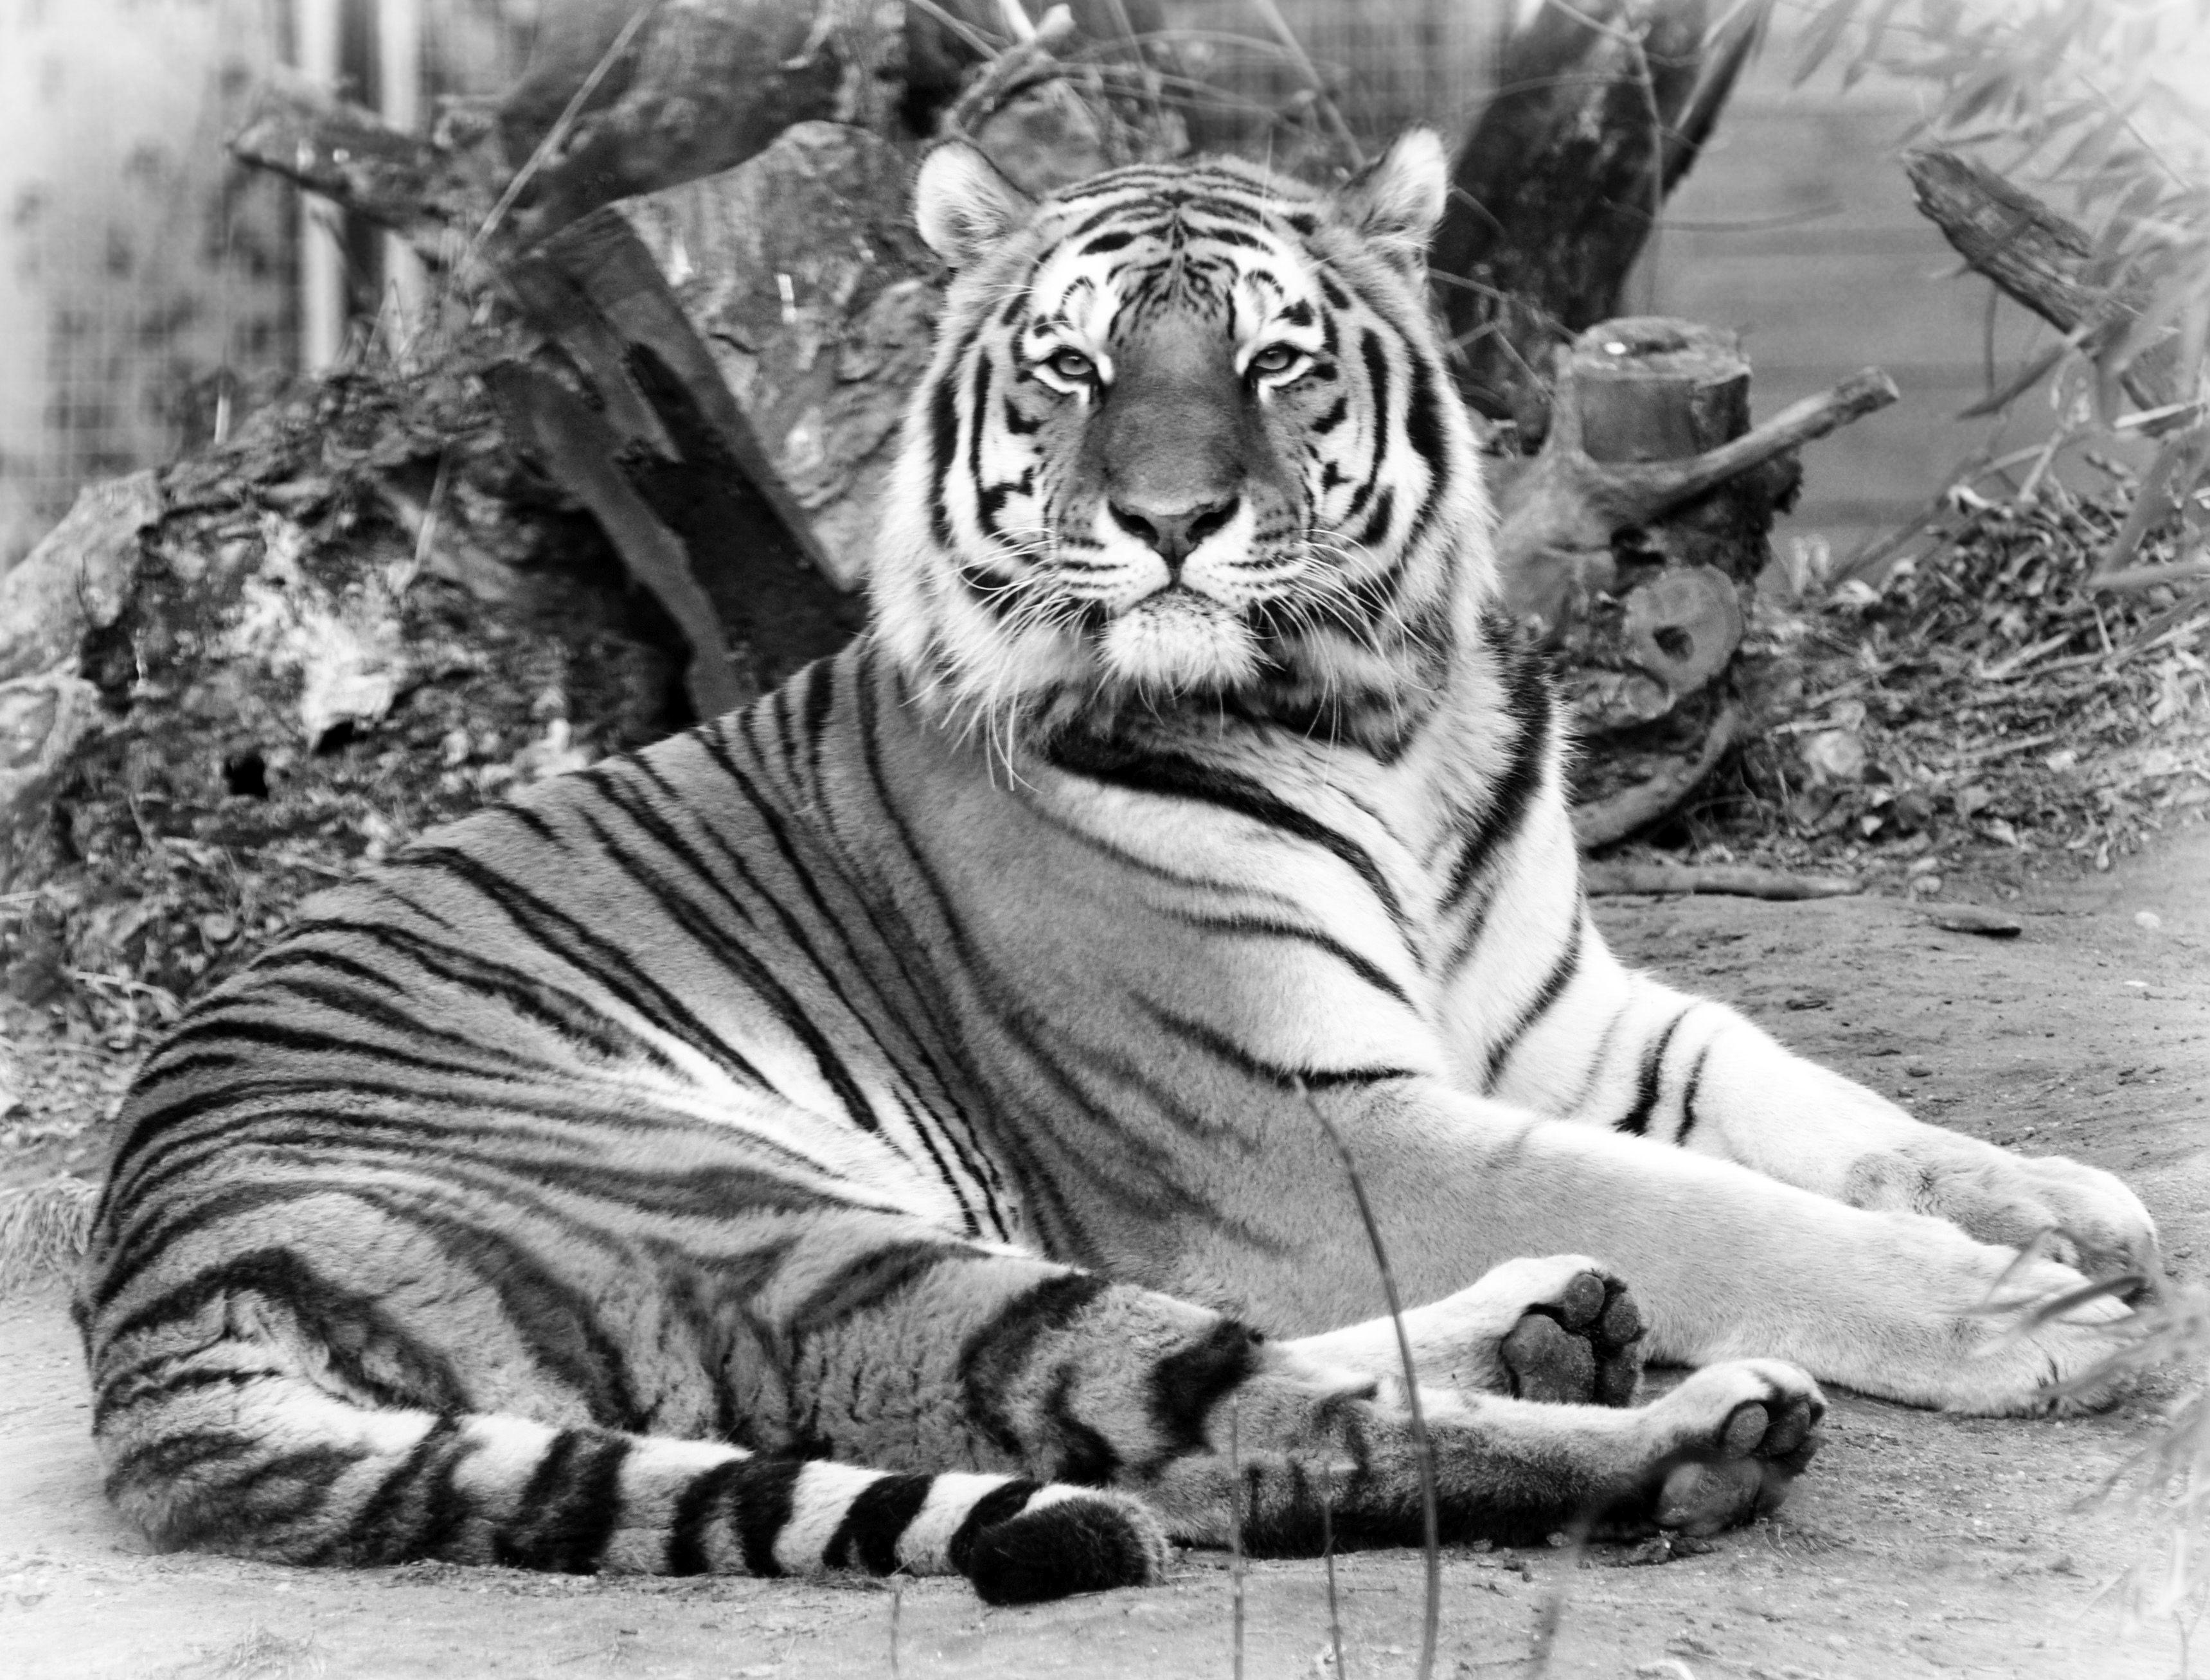 RIP Norbi: elaltatták a budapesti állatkert ősöreg tigrisét